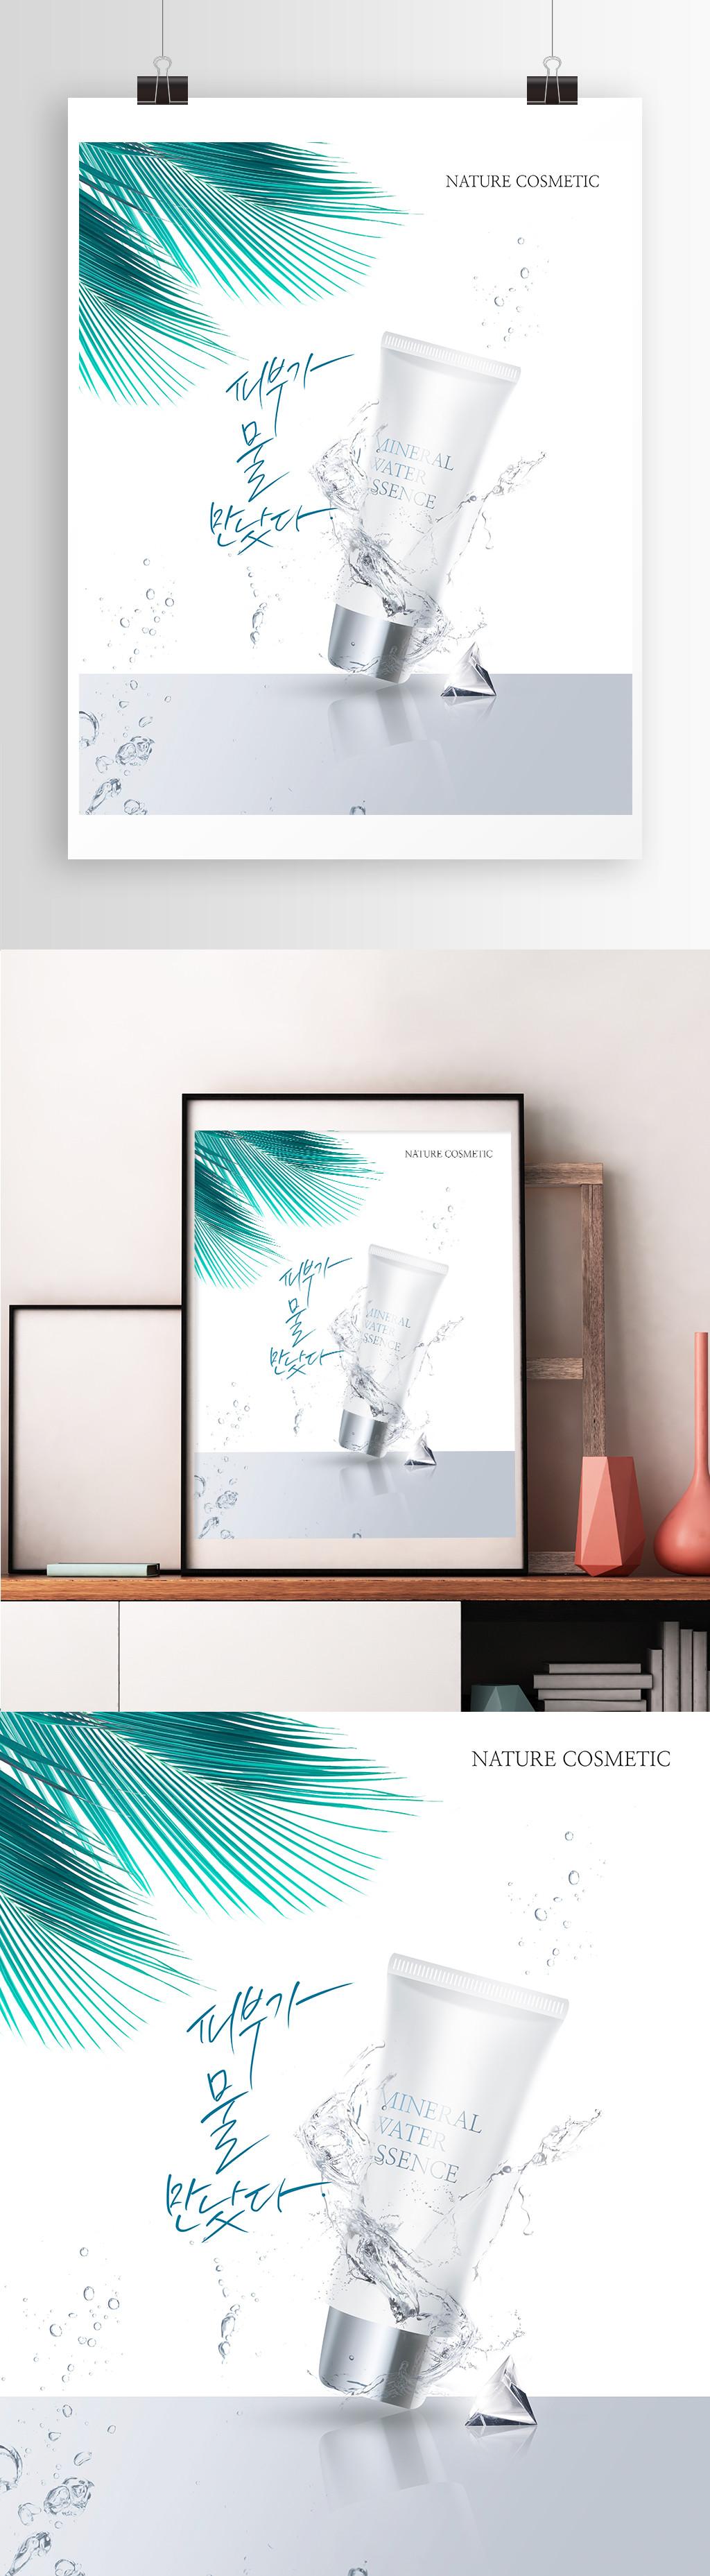 简约大气化妆品洗面奶海报psd